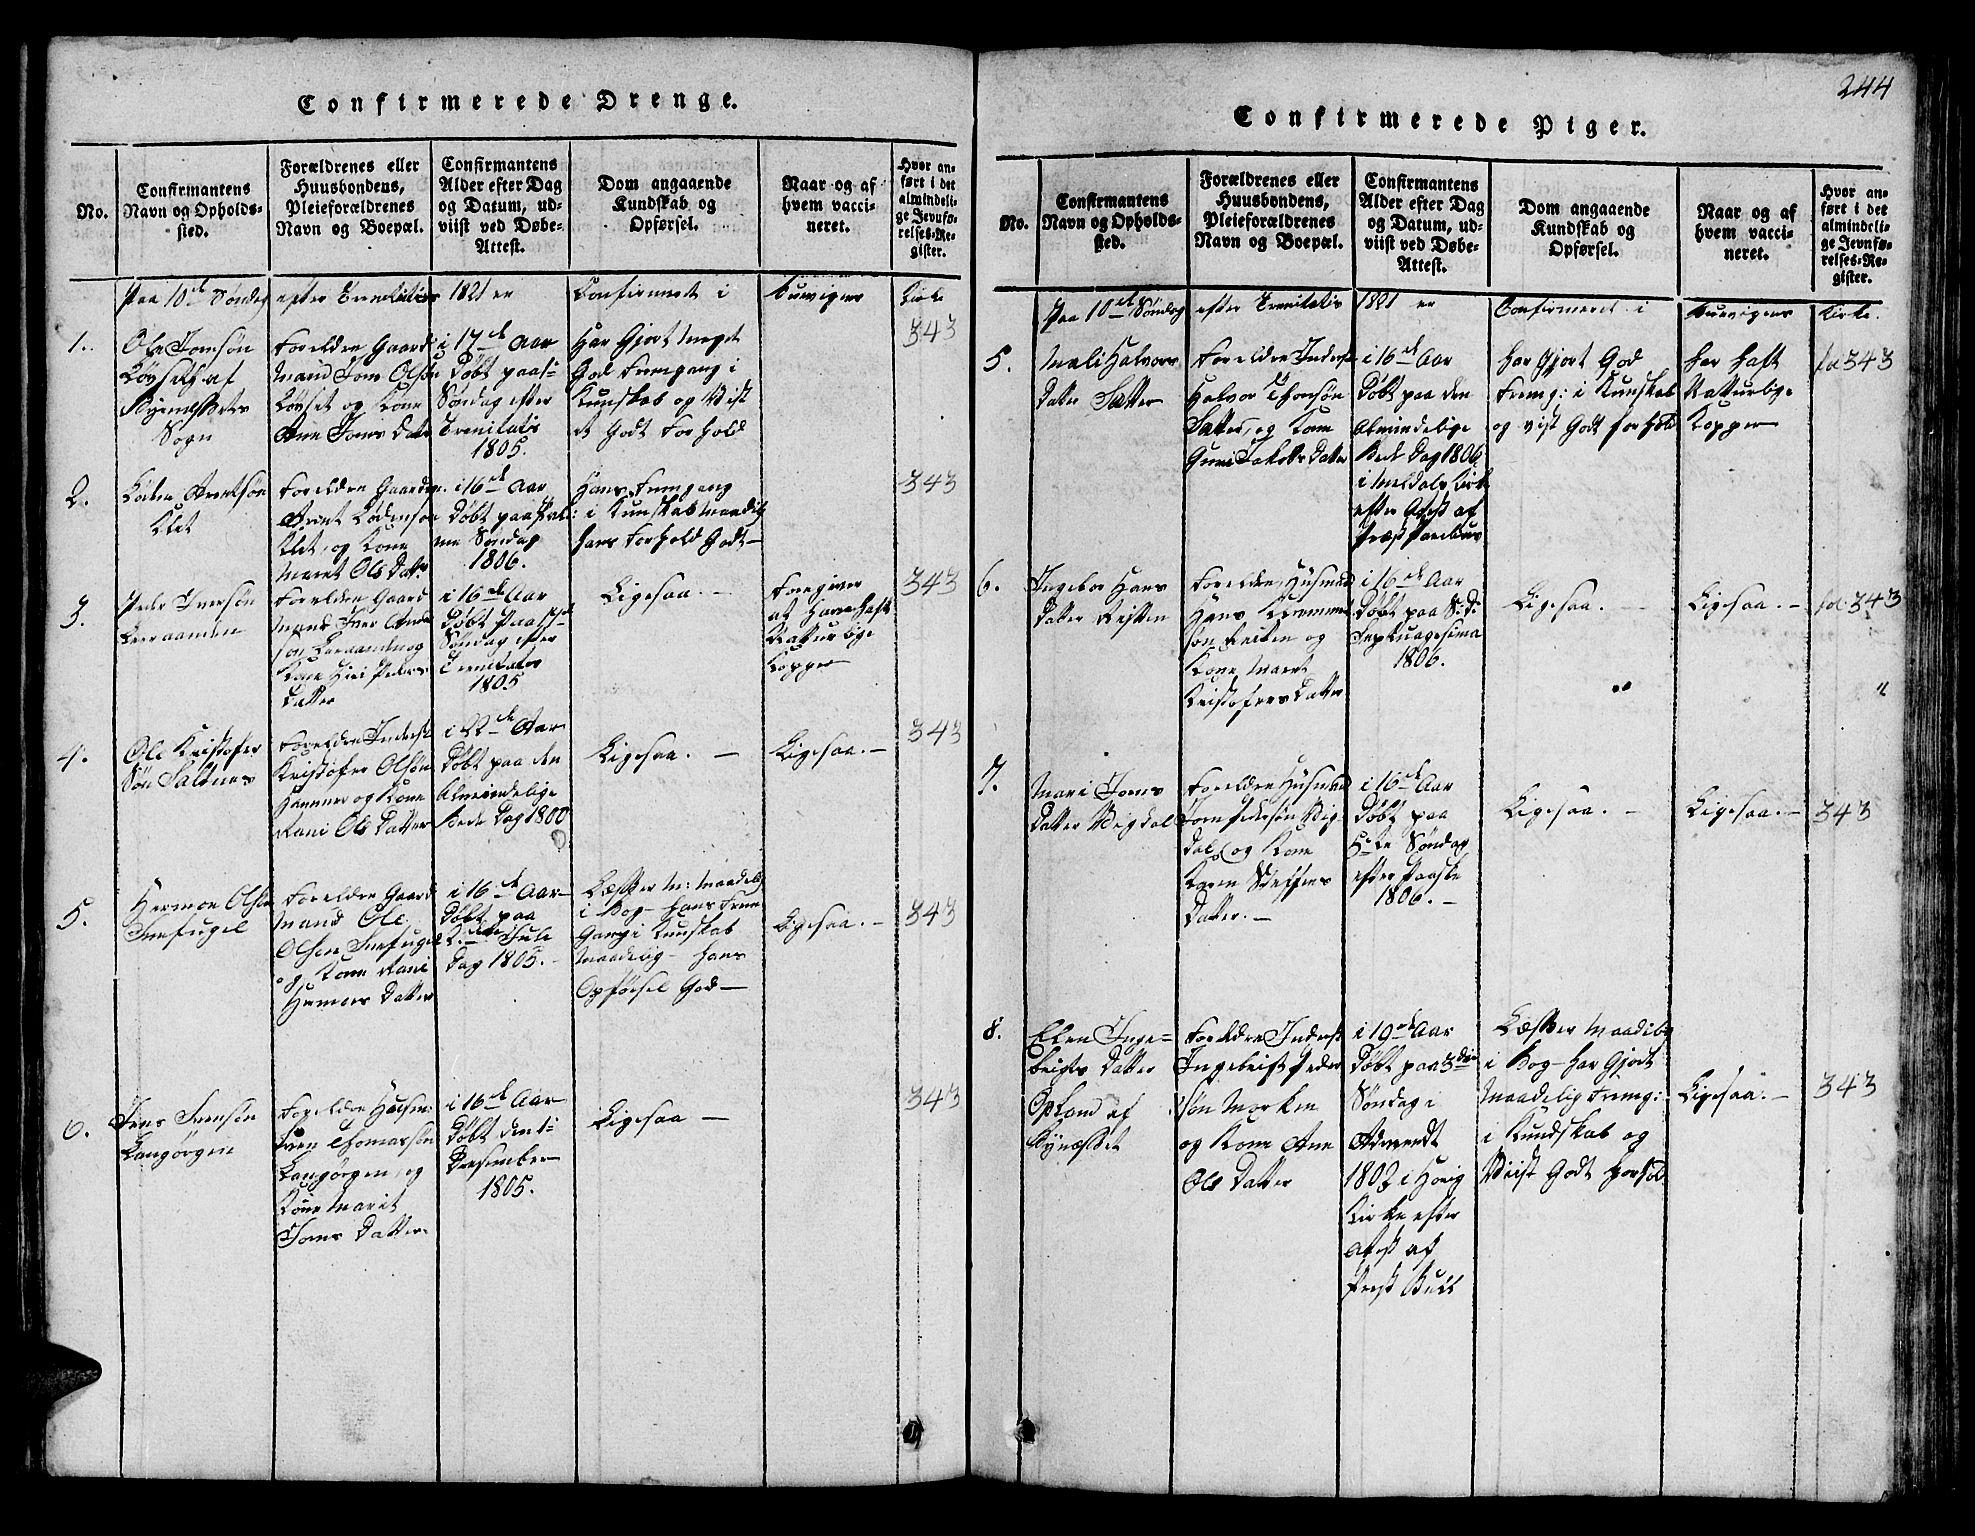 SAT, Ministerialprotokoller, klokkerbøker og fødselsregistre - Sør-Trøndelag, 666/L0788: Klokkerbok nr. 666C01, 1816-1847, s. 244